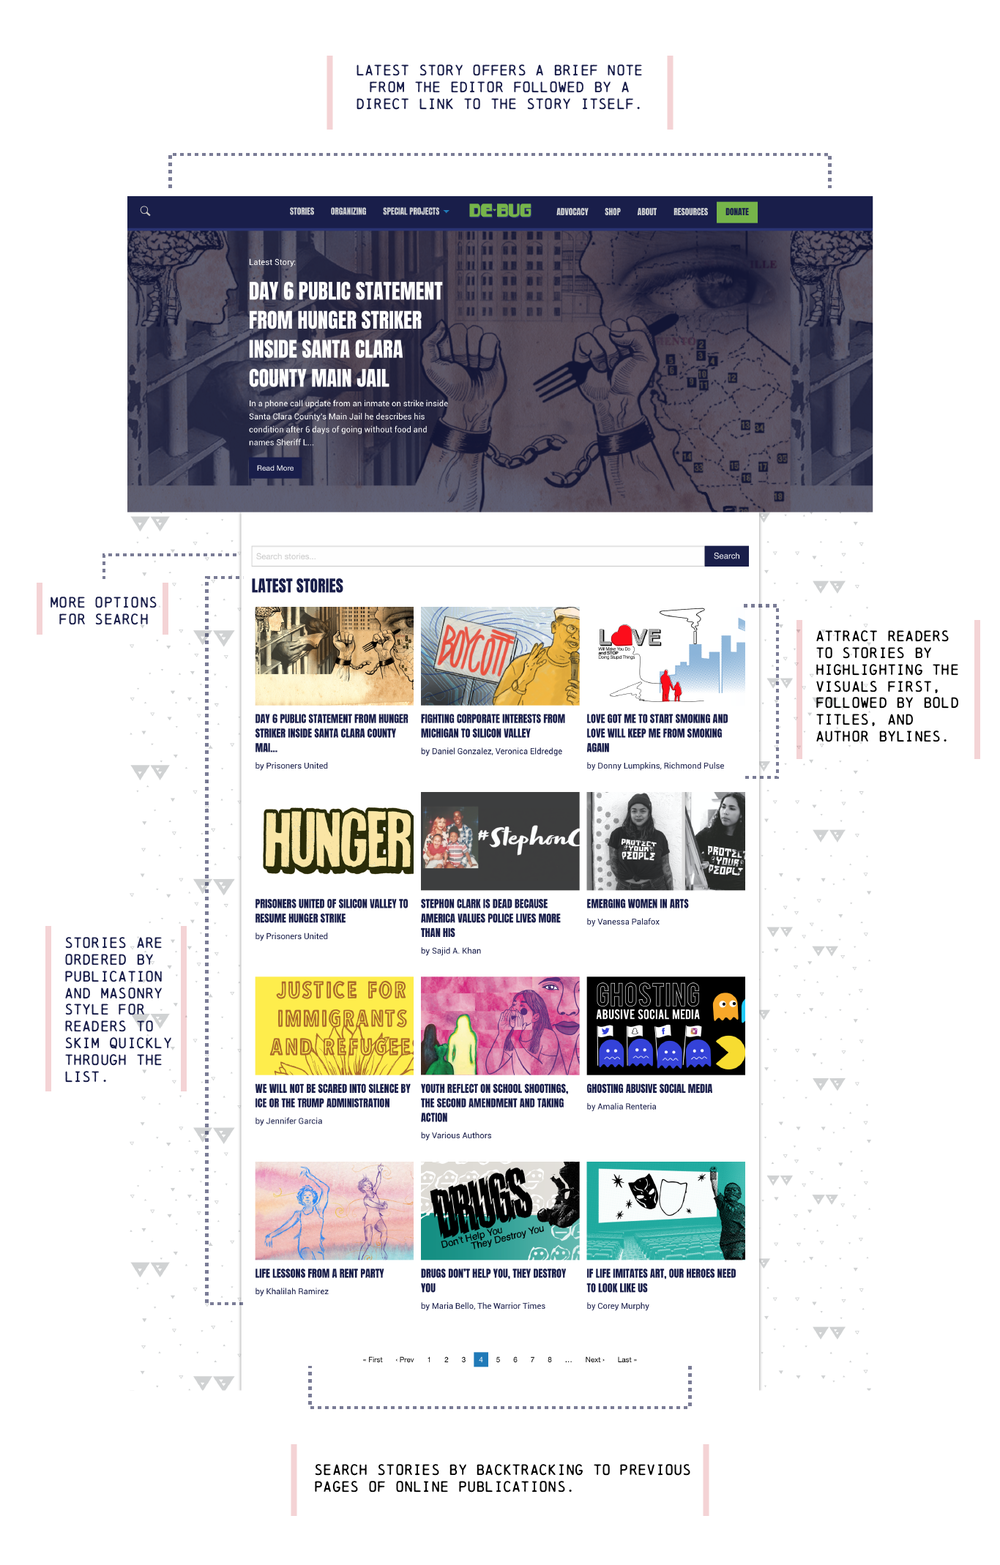 SVDBWebsite-storypage-02.png